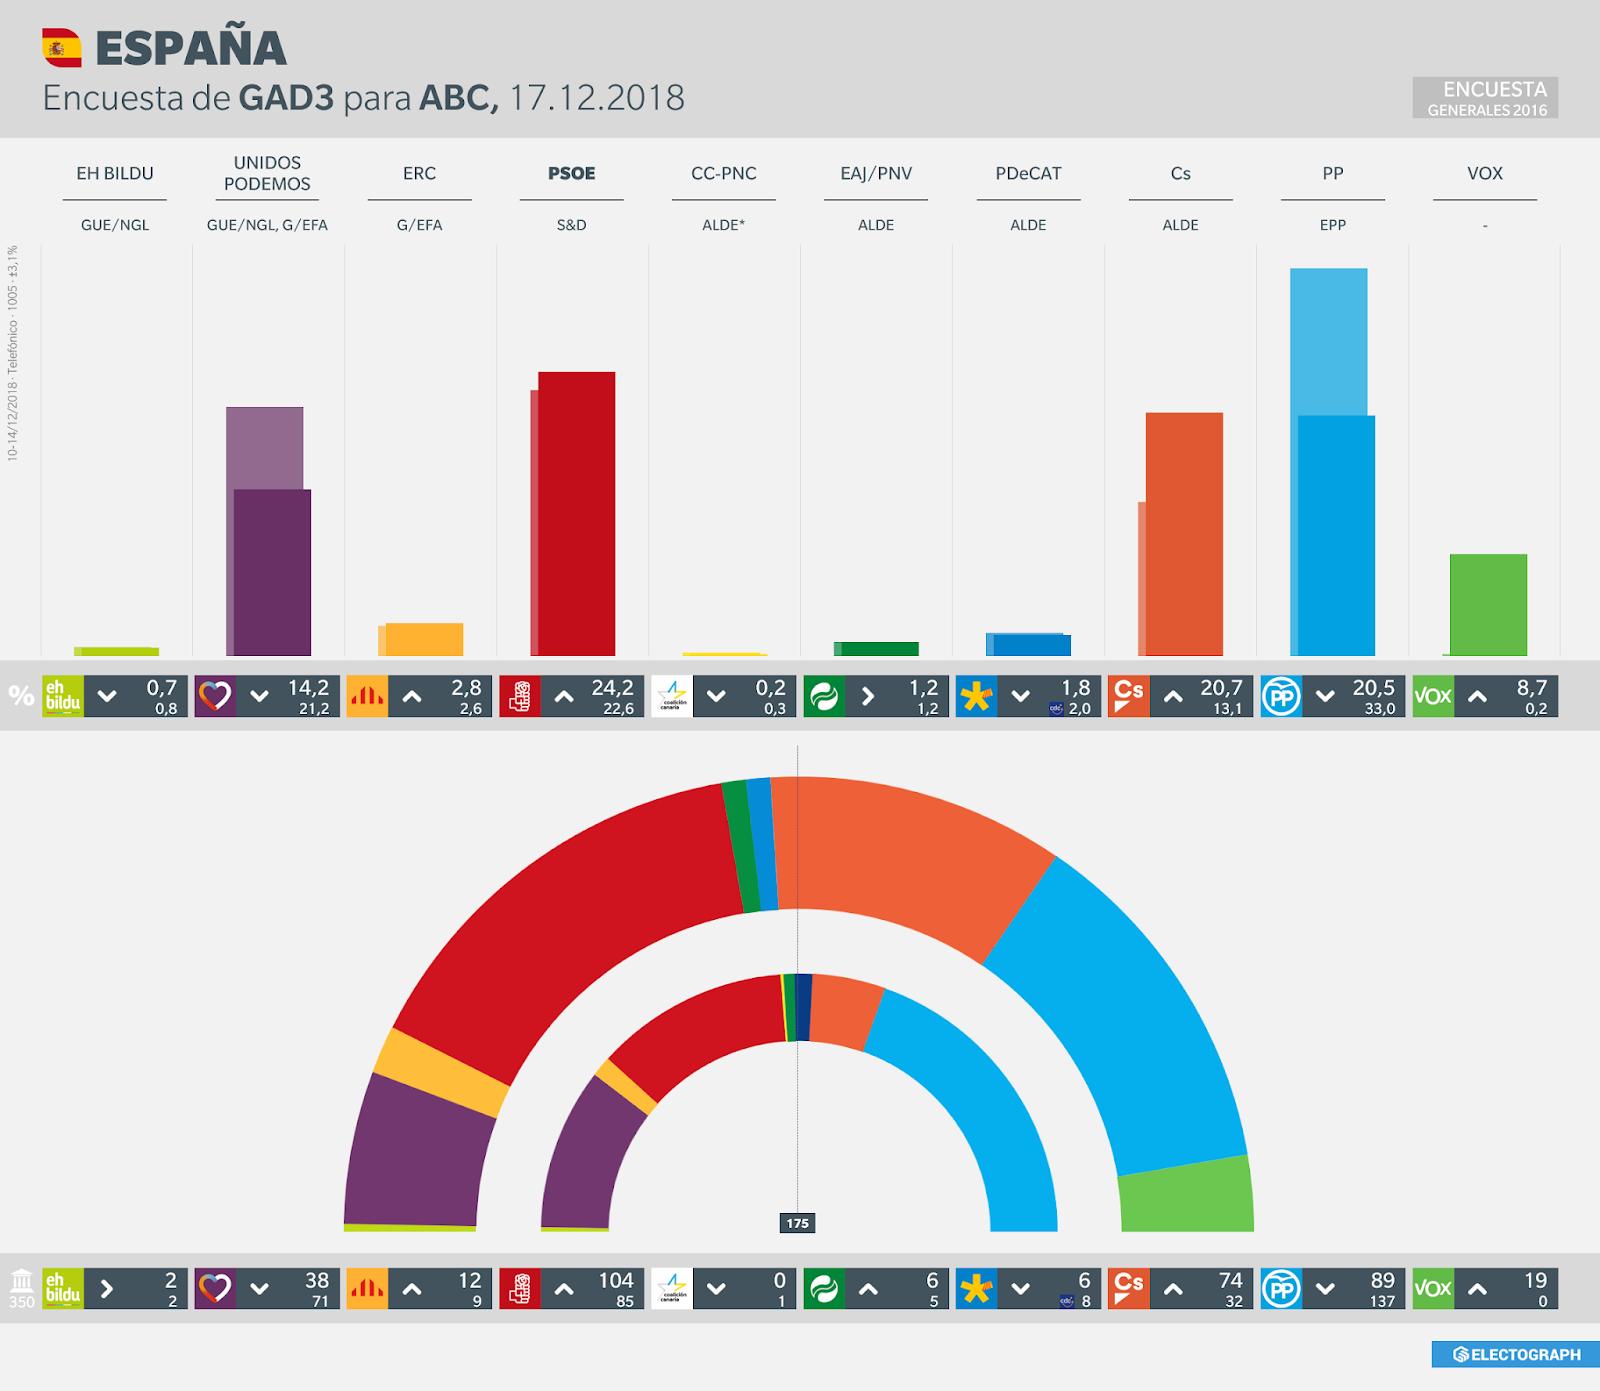 Gráfico de la encuesta para elecciones generales en España realizada por GAD3 para ABC, 17 de diciembre de 2018